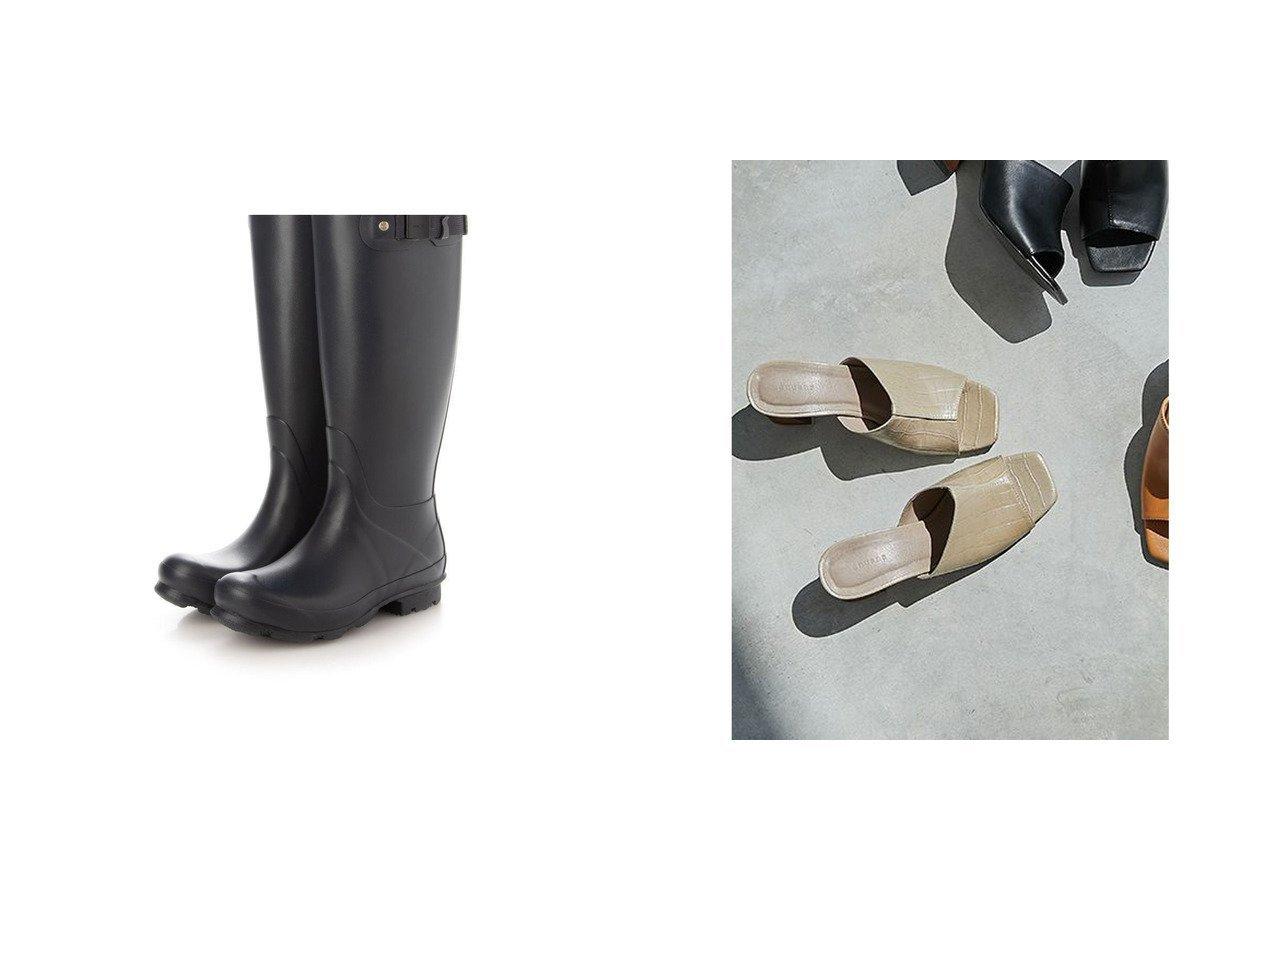 【anuans/アニュアンス】のオープントゥエコレザーサンダル&【HUNTER/ハンター】のNORRIS FIELD BOOT おすすめ!人気、トレンド・レディースファッションの通販 おすすめで人気の流行・トレンド、ファッションの通販商品 インテリア・家具・メンズファッション・キッズファッション・レディースファッション・服の通販 founy(ファニー) https://founy.com/ ファッション Fashion レディースファッション WOMEN ハンド ライニング ラバー オープントゥ サンダル  ID:crp329100000051801